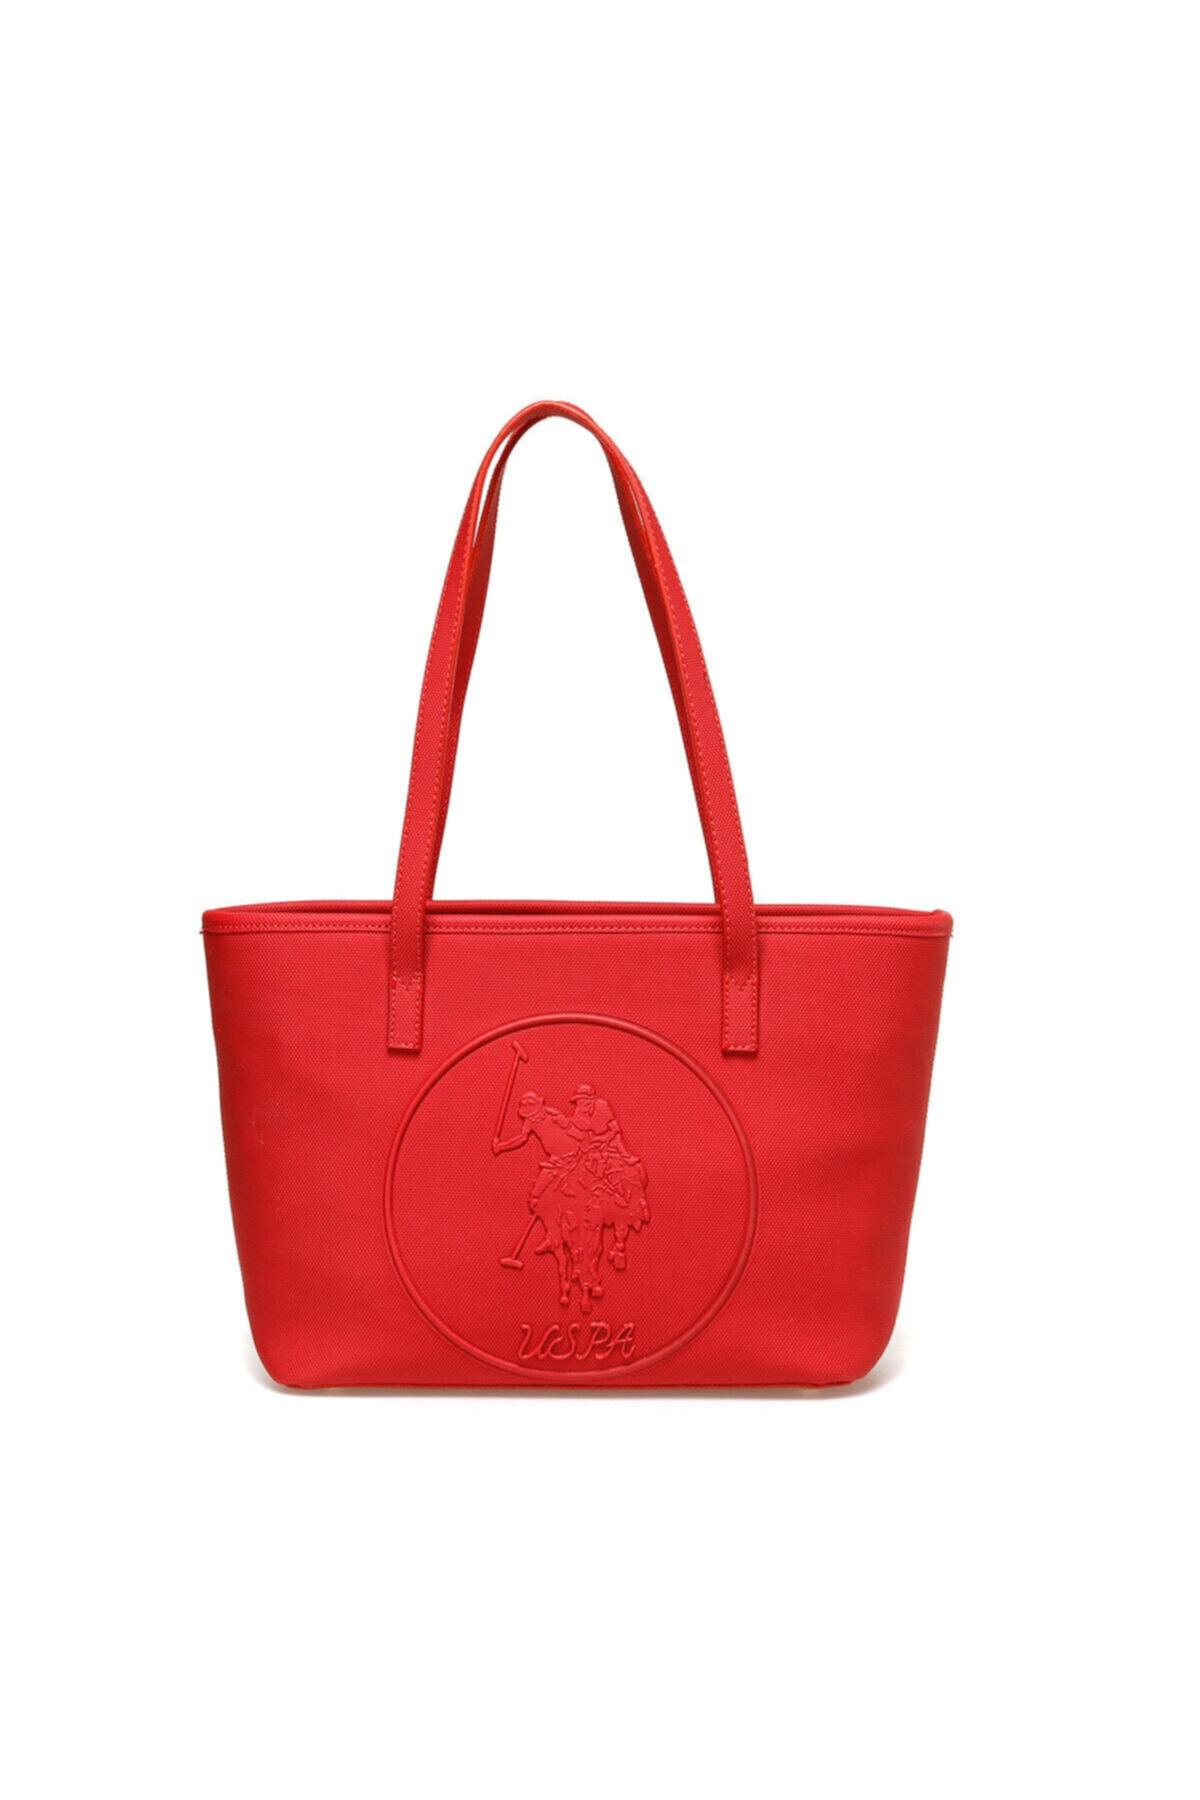 U.S. Polo Assn. Kırmızı Kadın Omuz Çantası US20316 1